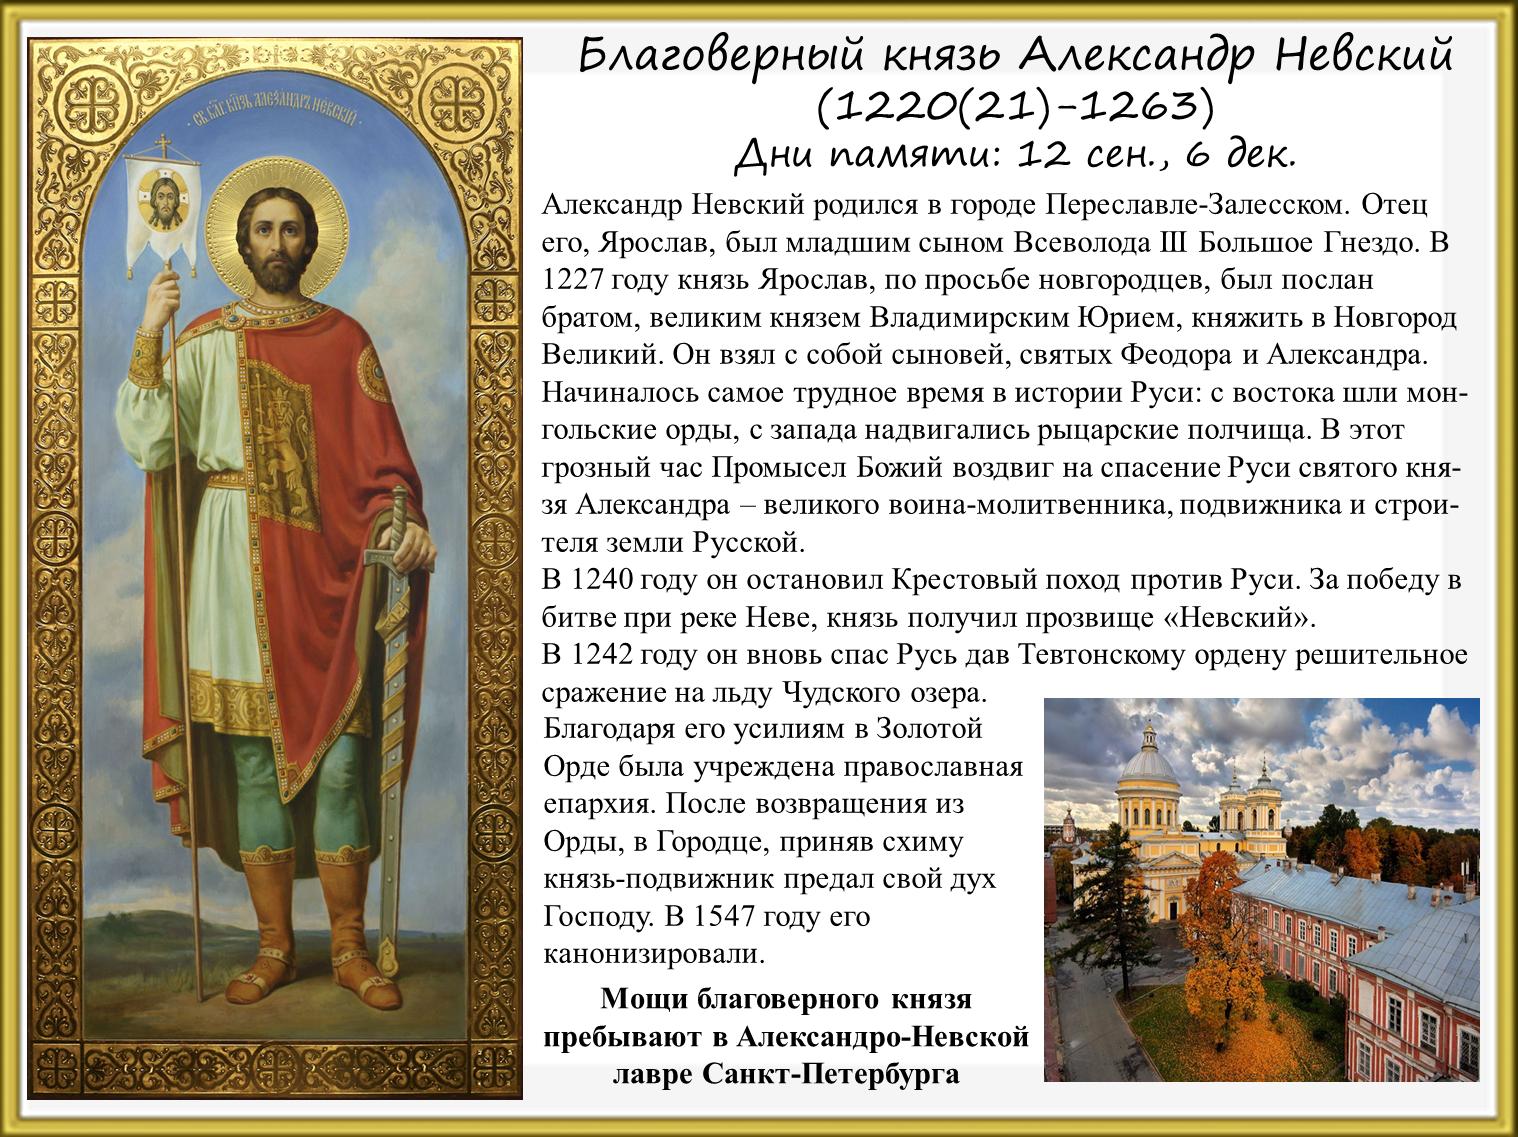 Ларус паломническая служба санкт-петербург расписание